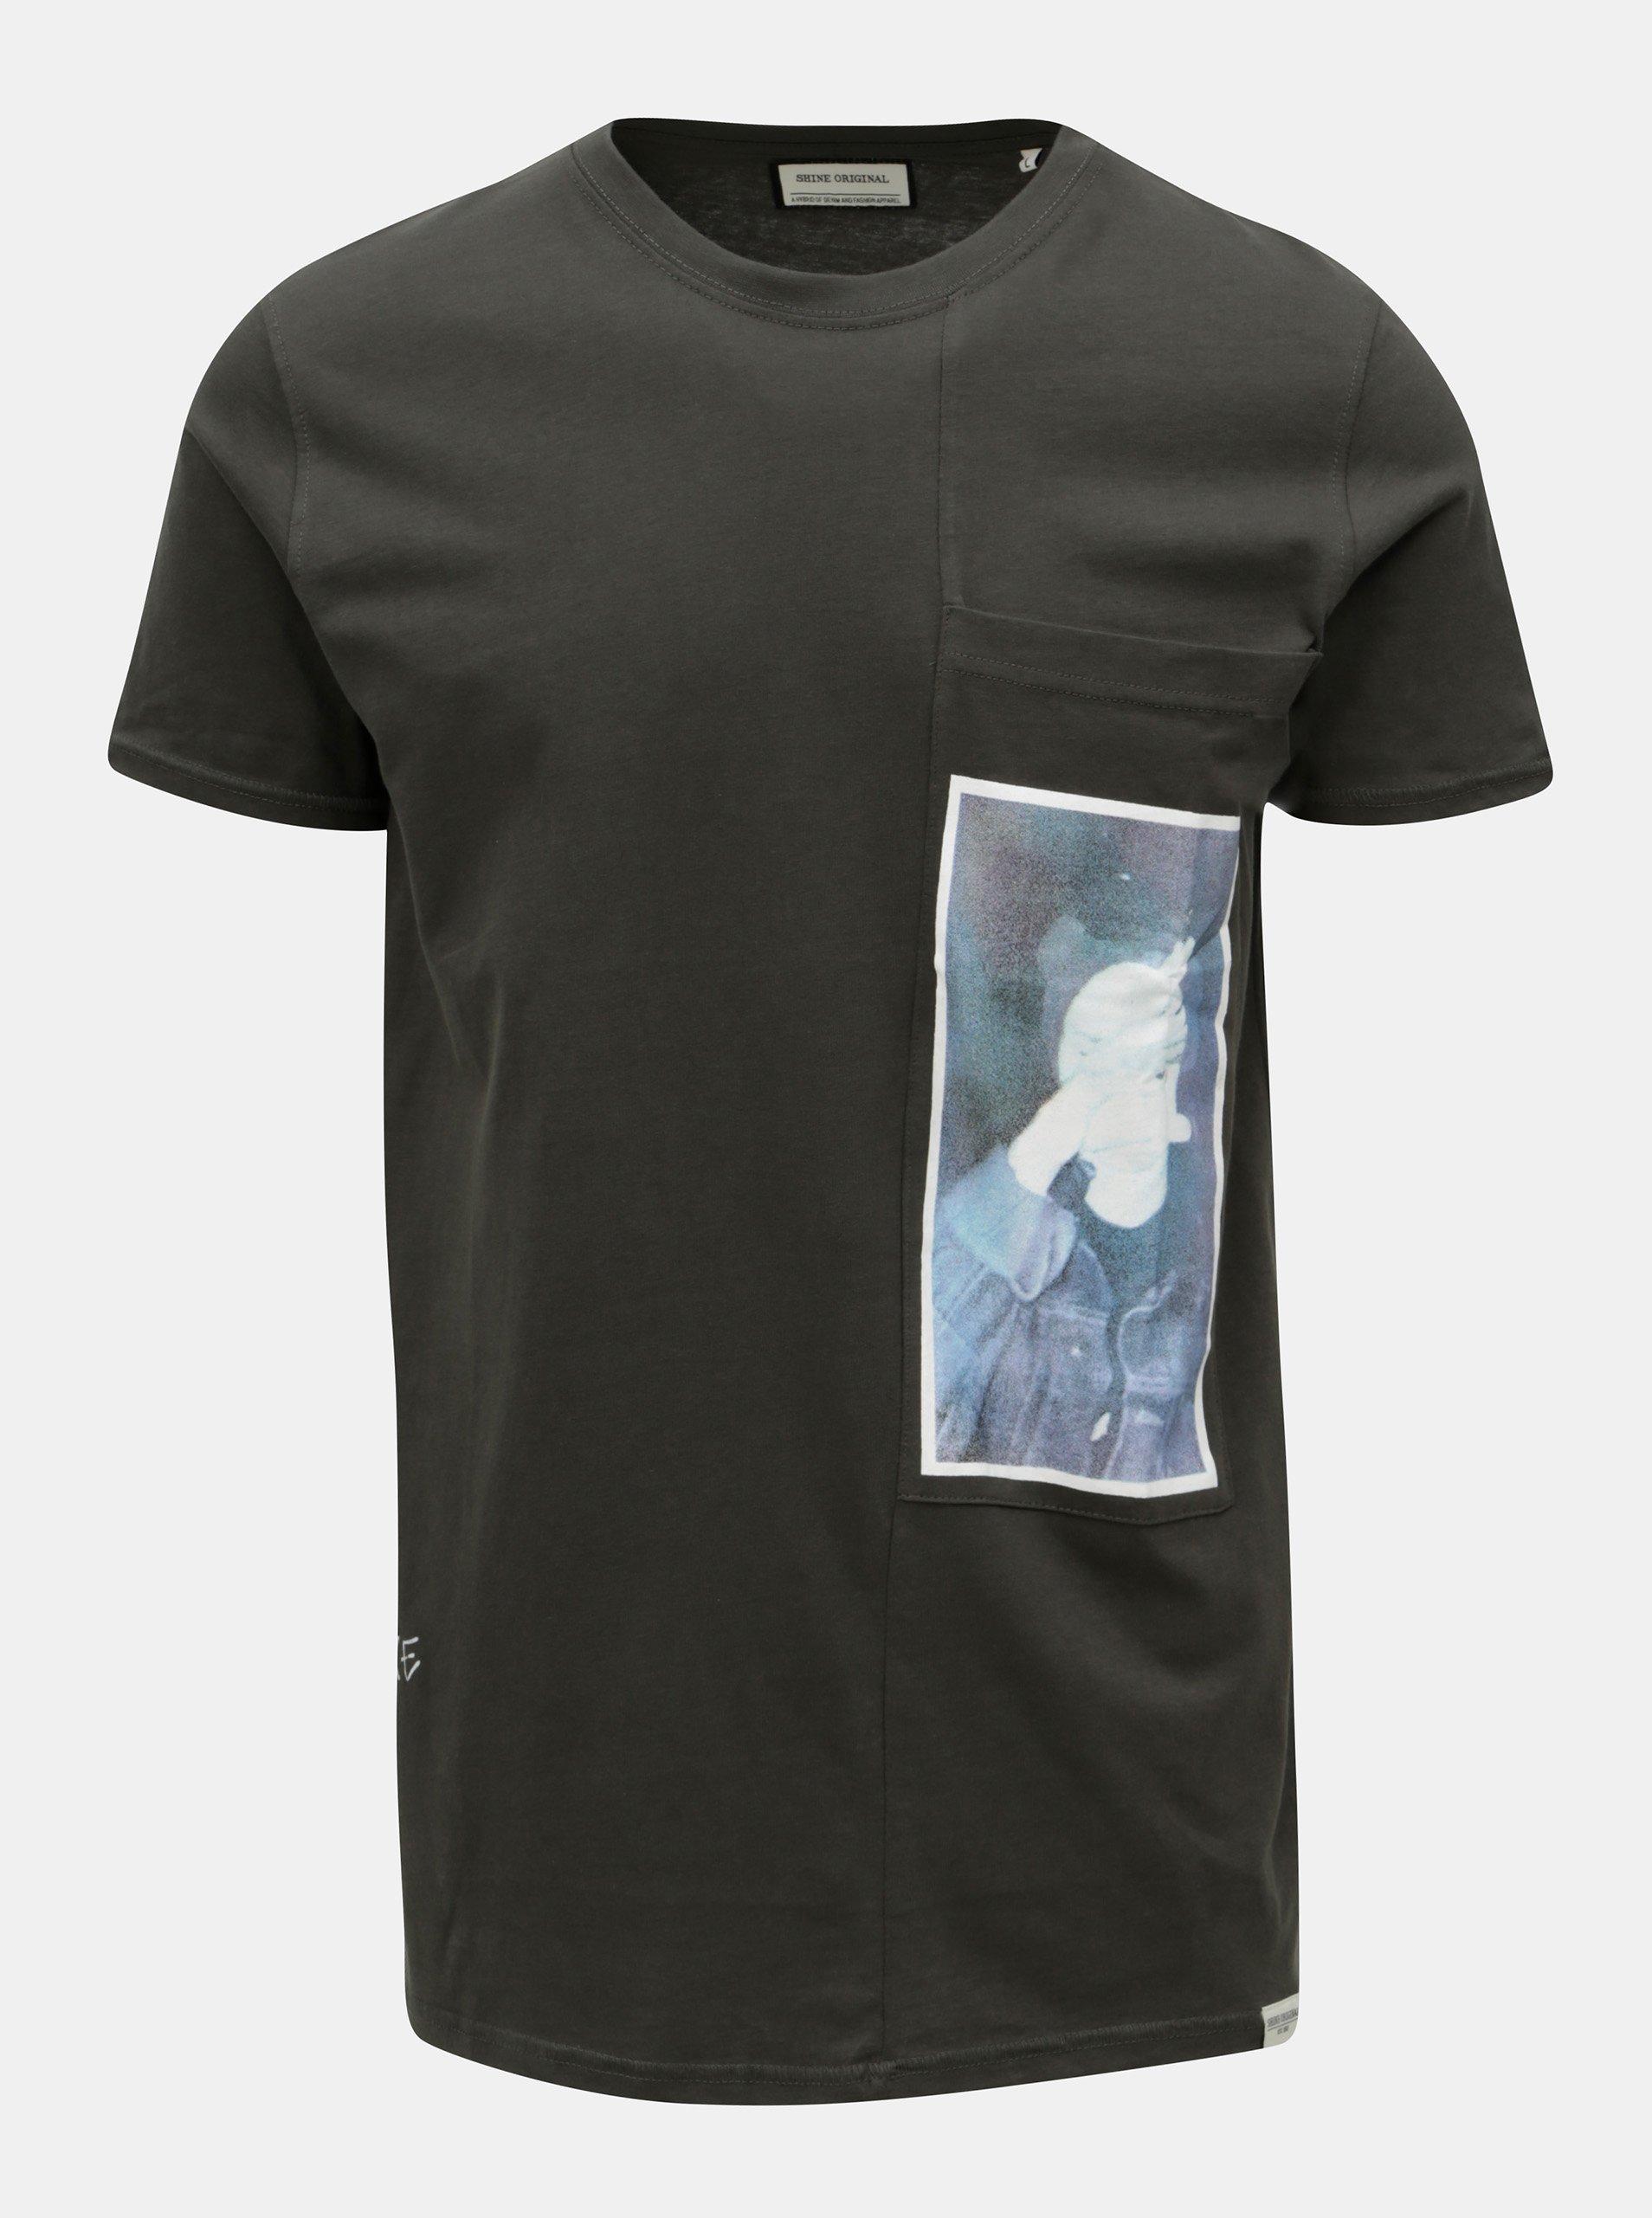 Tmavě šedé tričko s potiskem a náprsní kapsou Shine Original